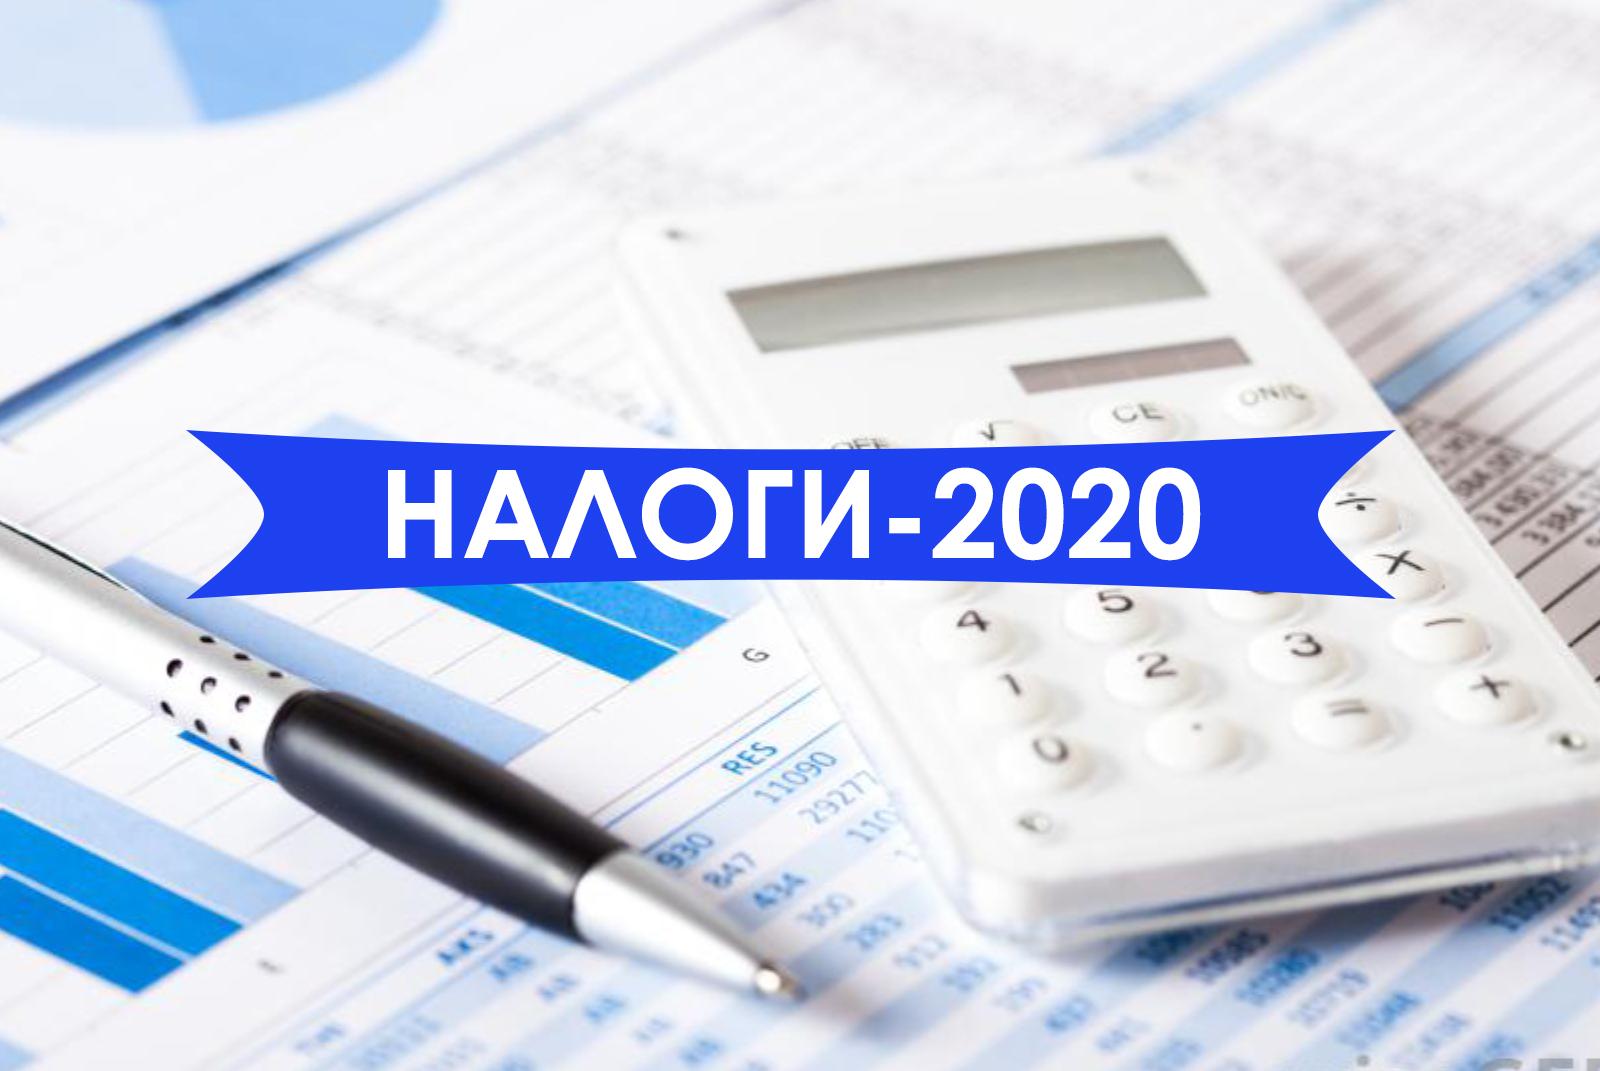 Продление налоговых льгот, их изменение, введение новой льготы